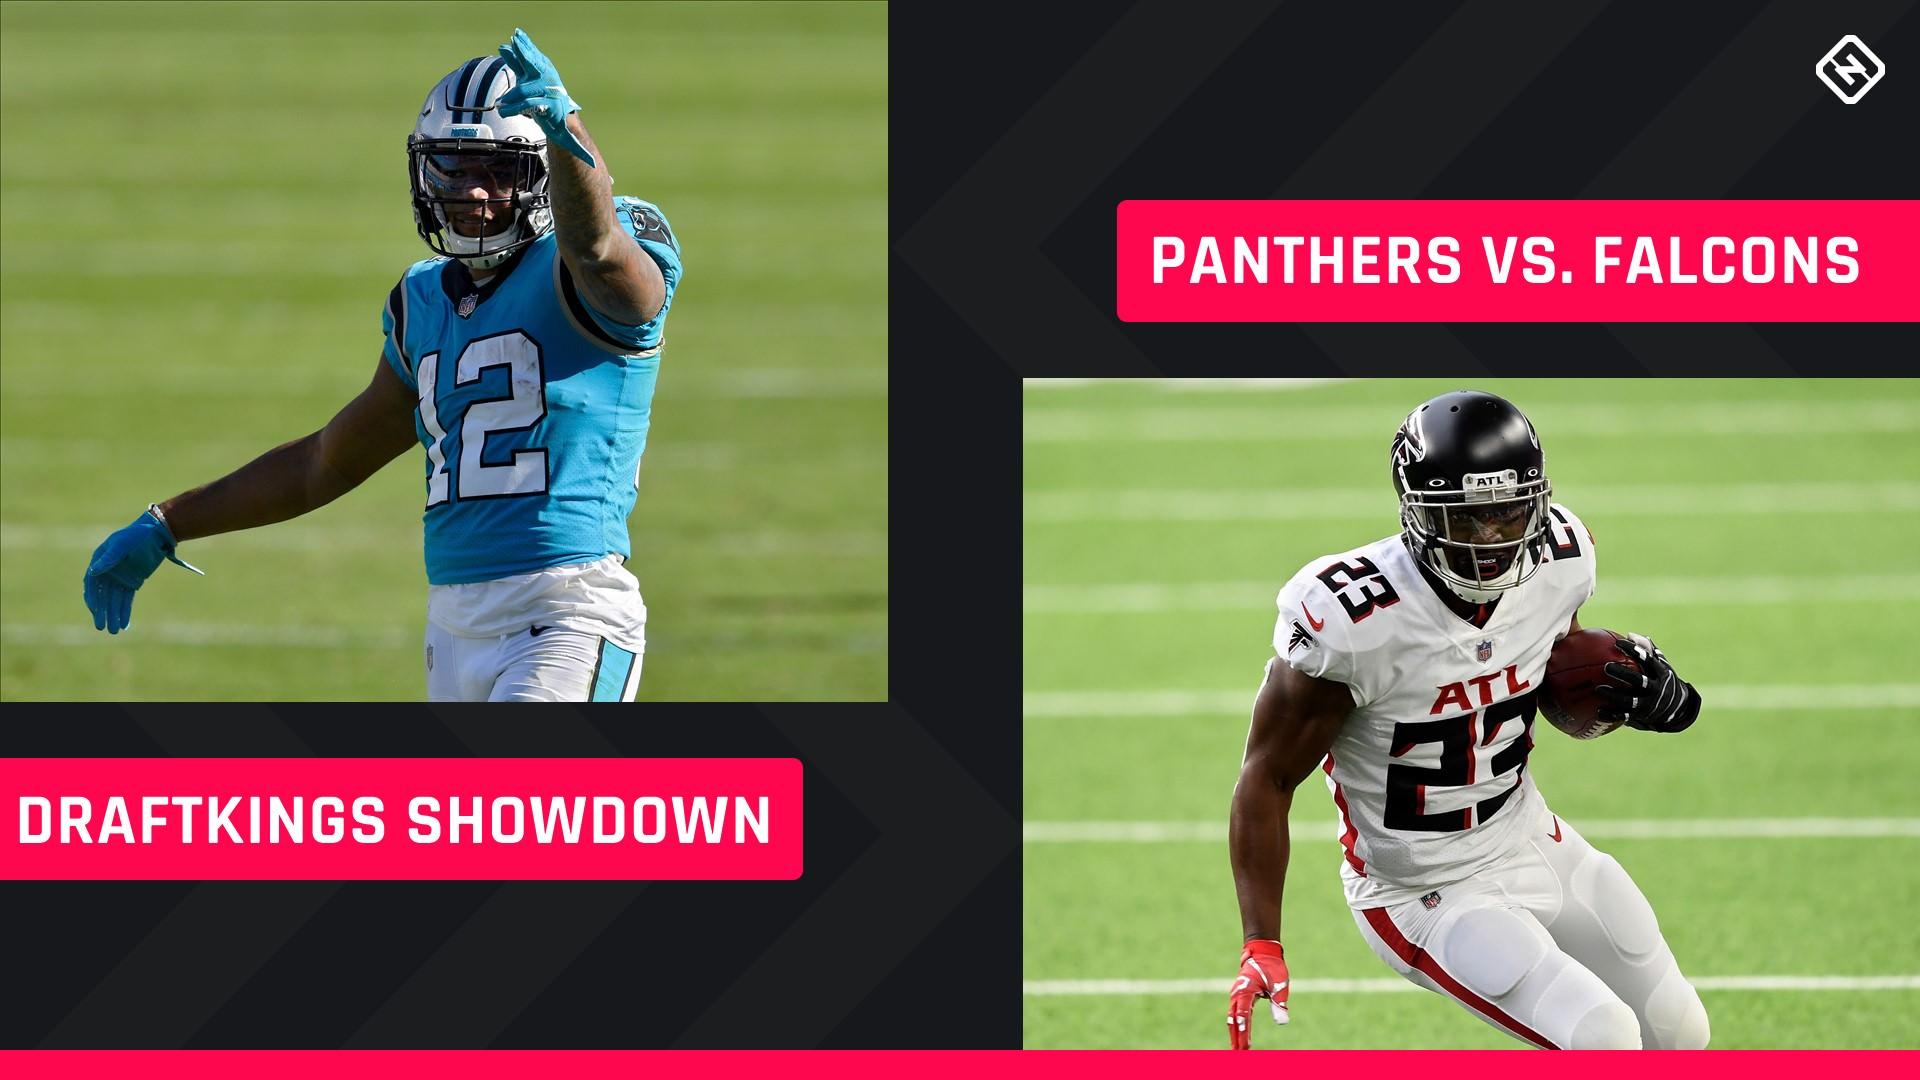 Quinta à noite Futebol DraftKings Picks: NFL DFS lineup conselho para a semana 8 torneios Panthers-Falcons Showdown